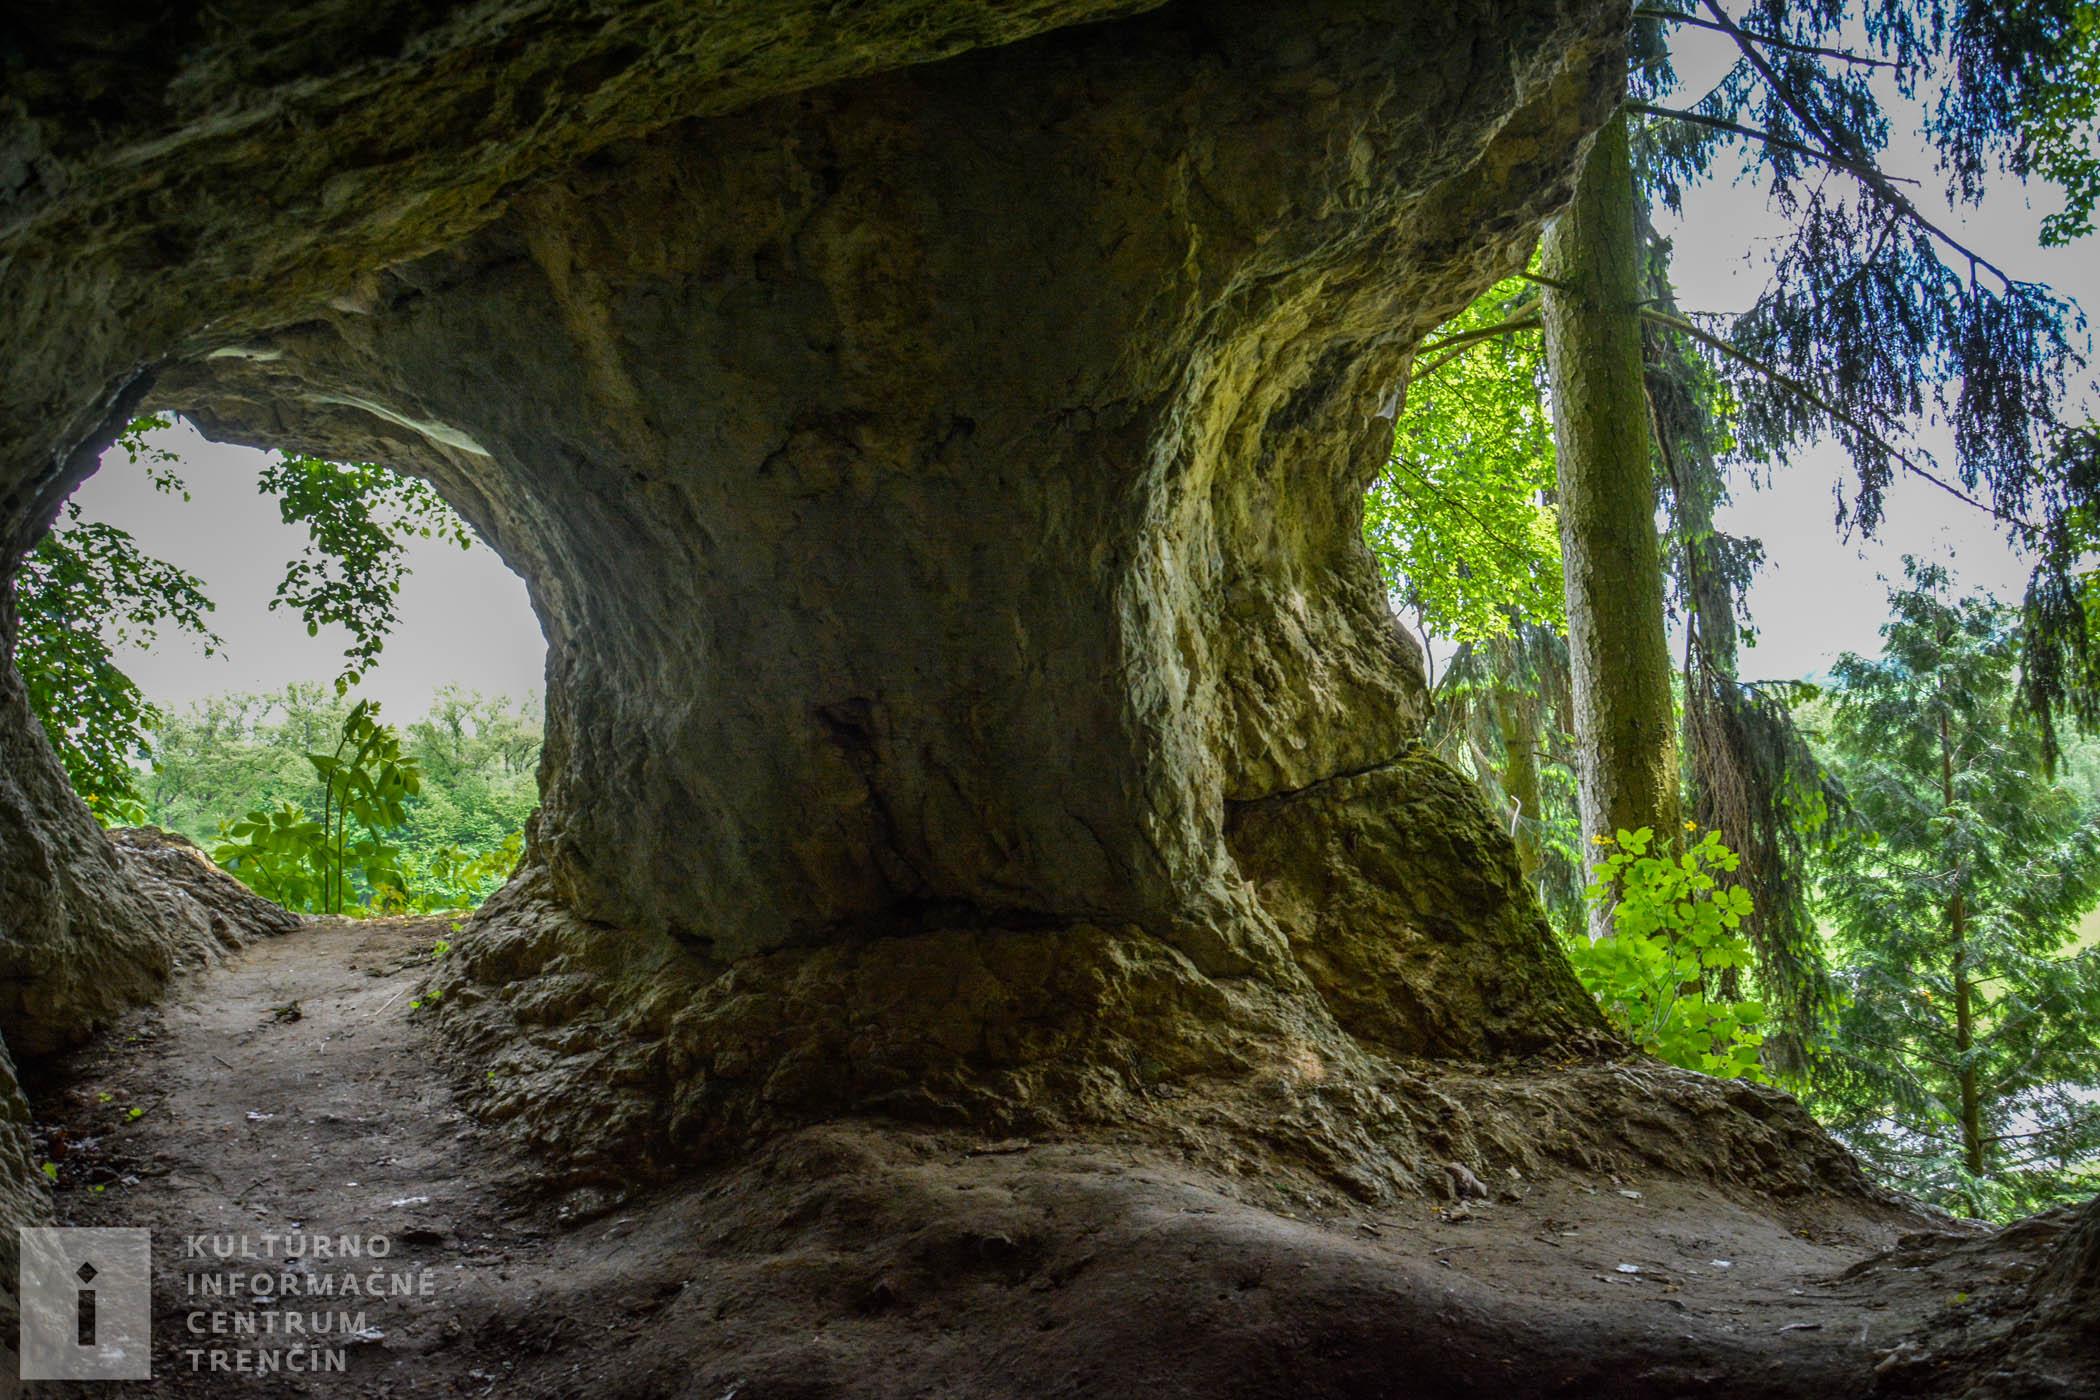 Opatovská jaskyňa / Cave Opatovská